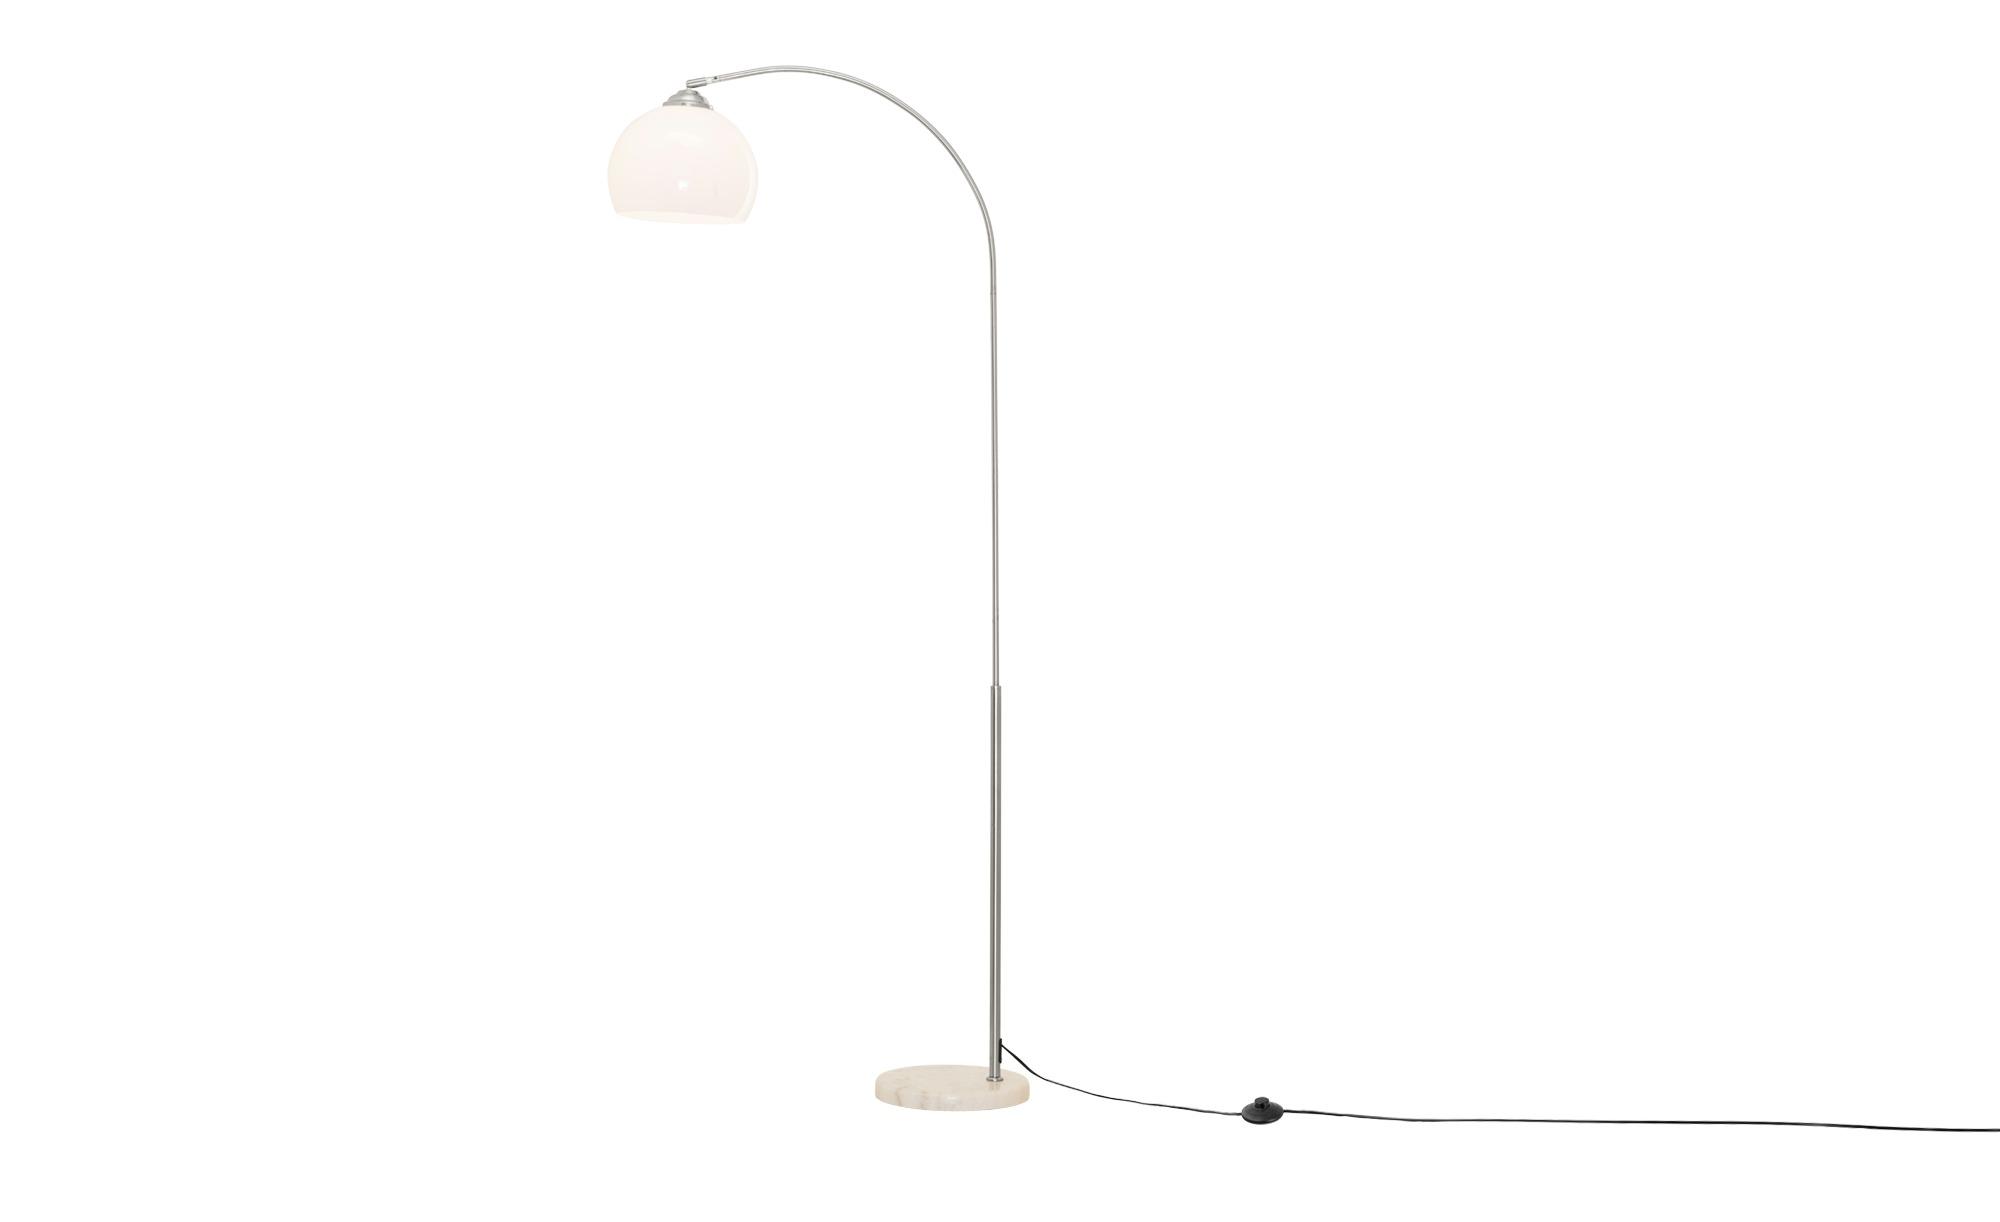 Bogenlampe mit weißem Kunststoffschirm von KHG